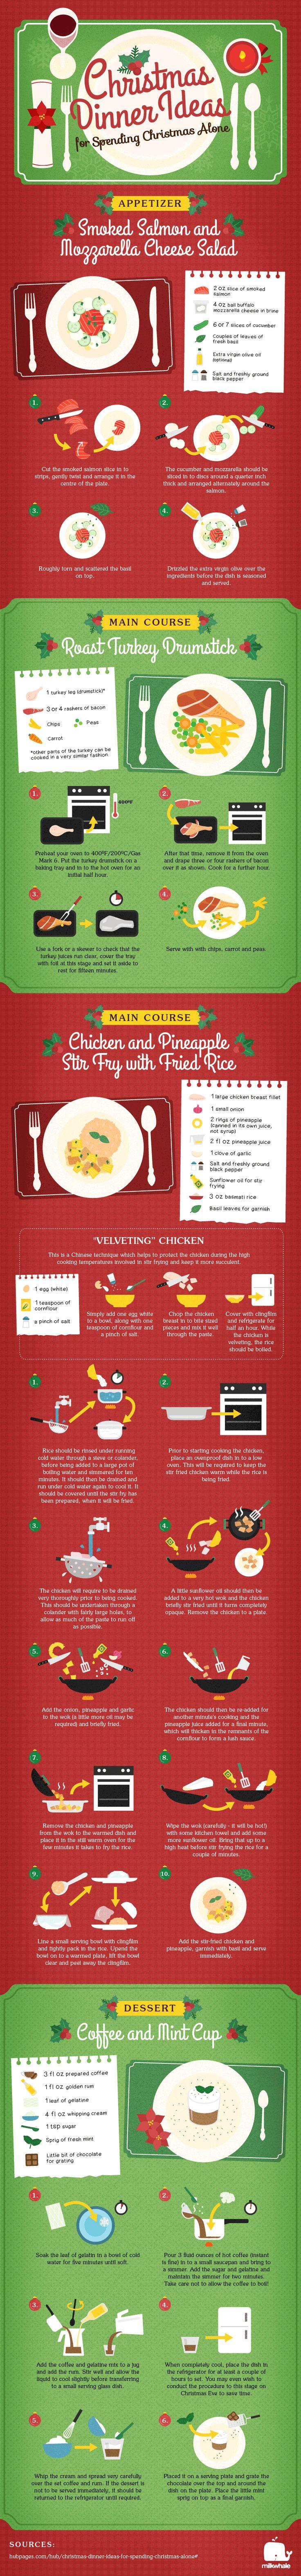 Christmas Dinner Ideas for Spending Christmas Alone